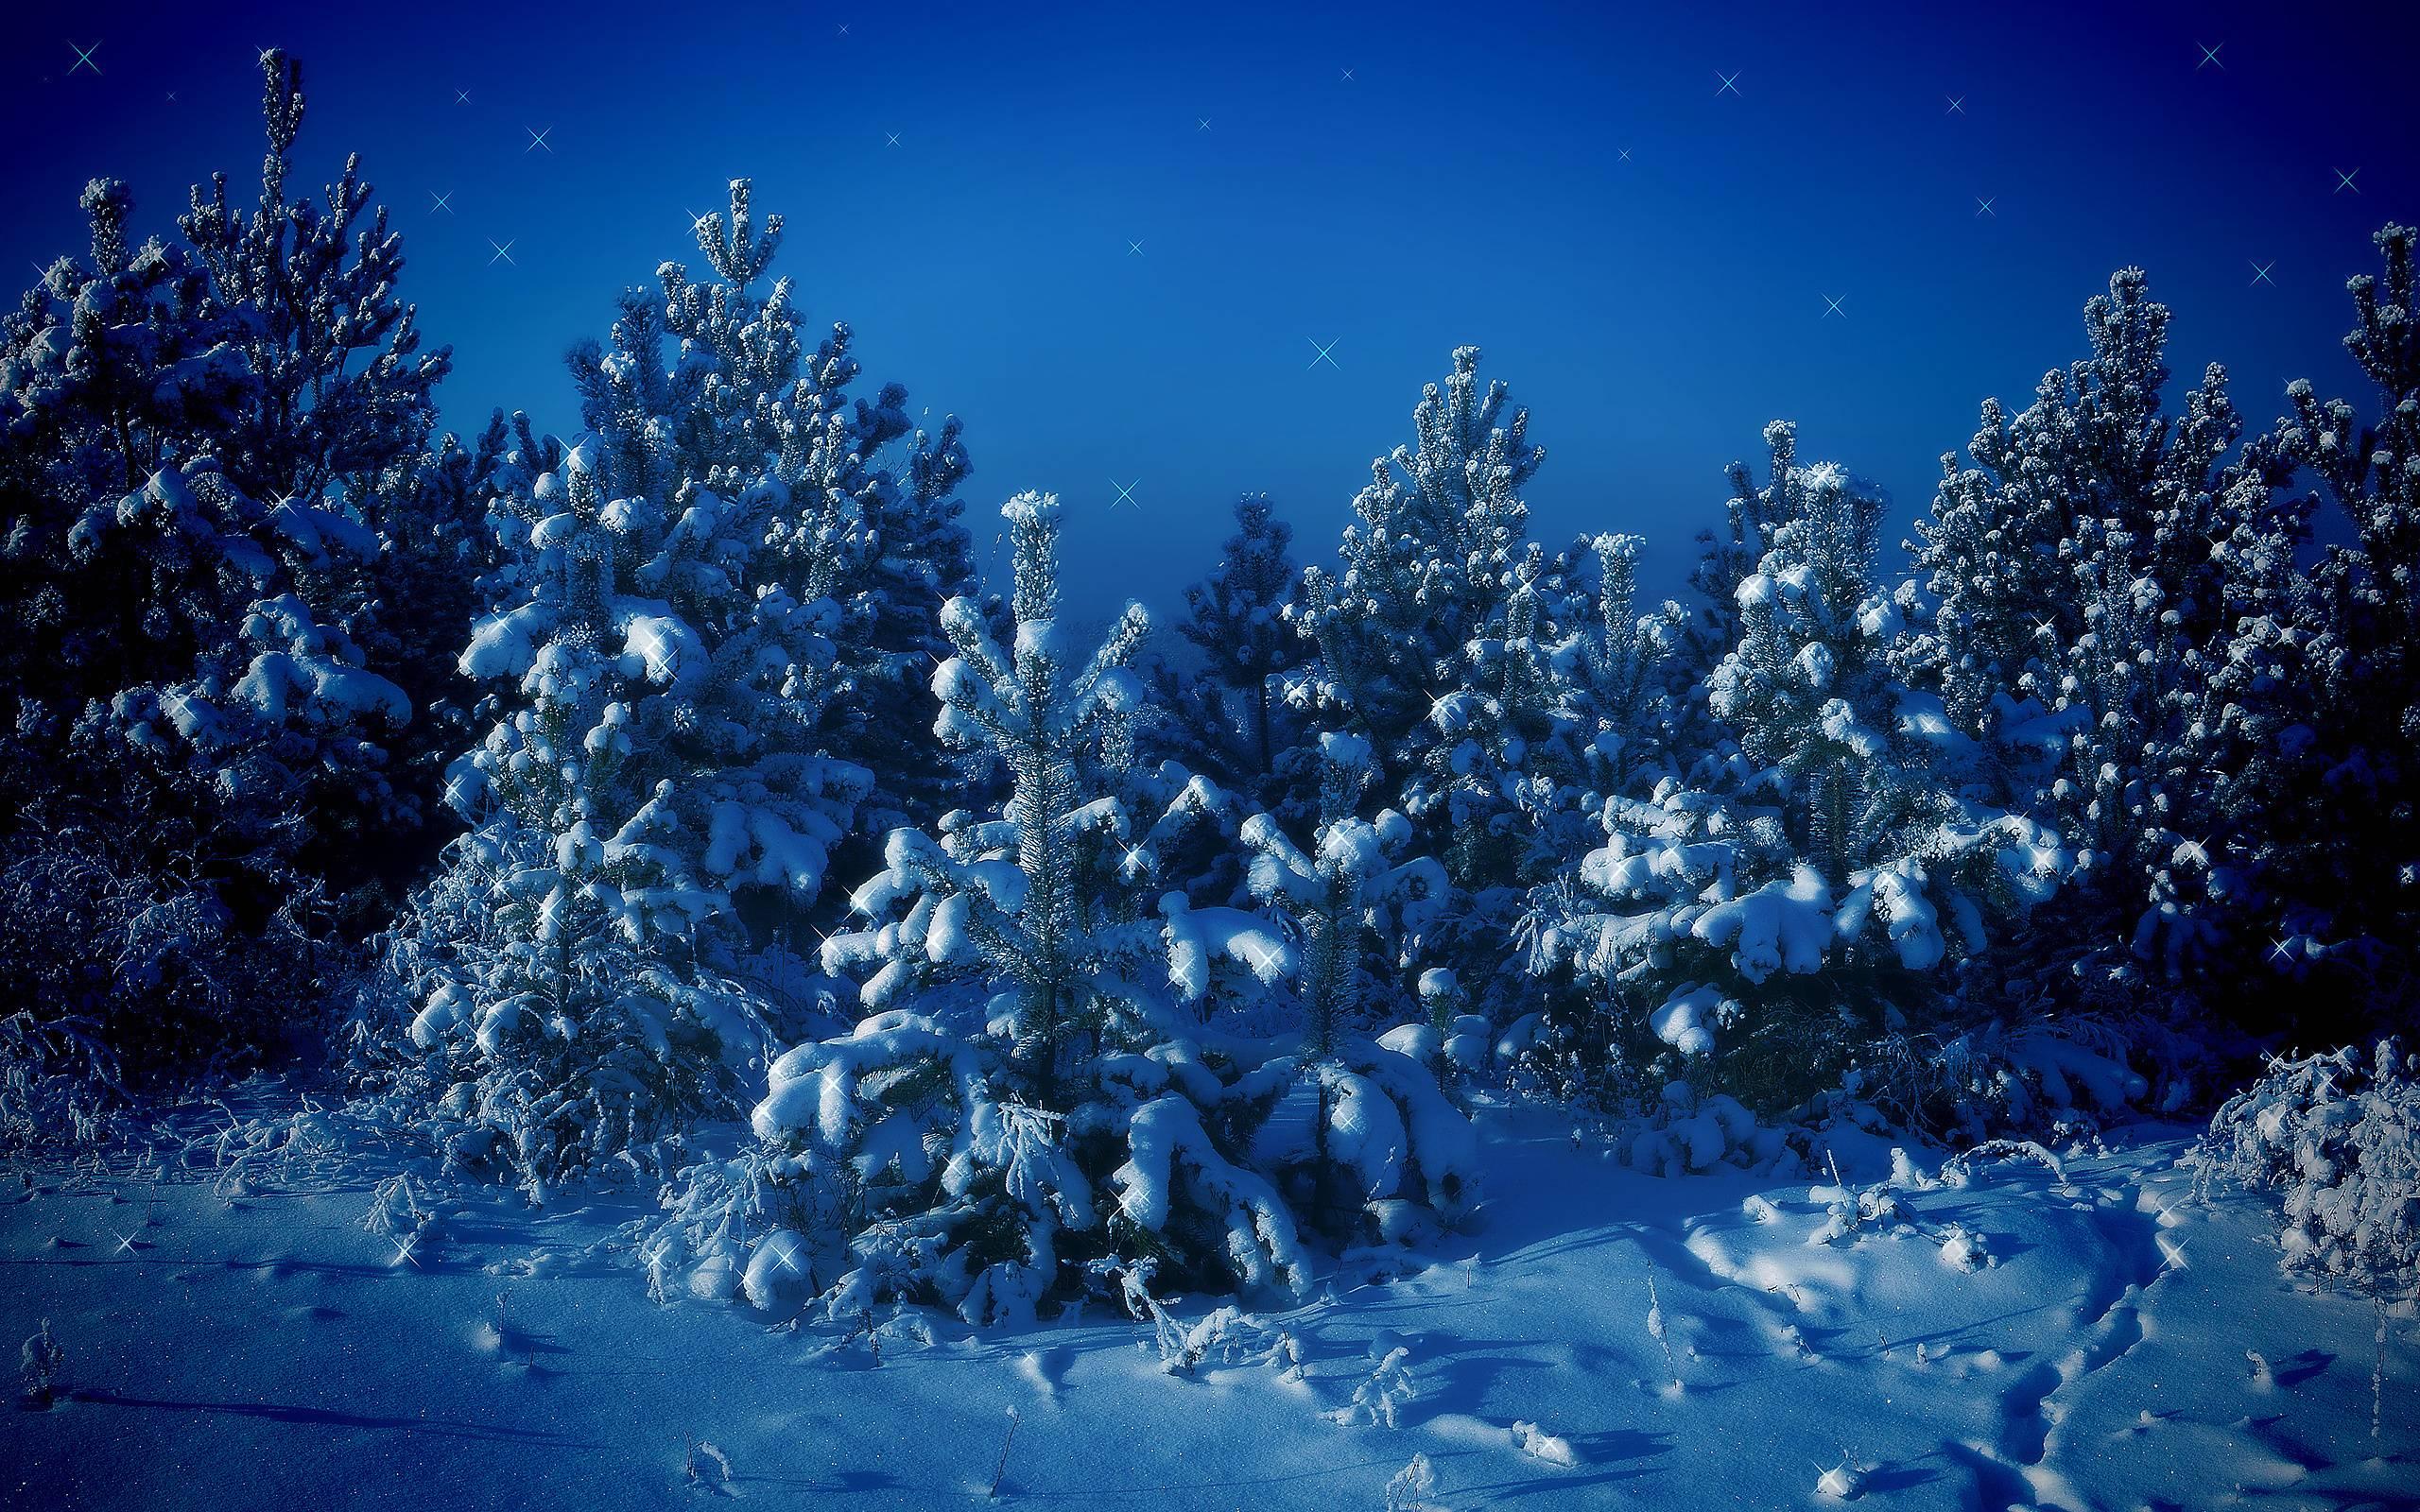 природа деревья ель небо звезды скачать